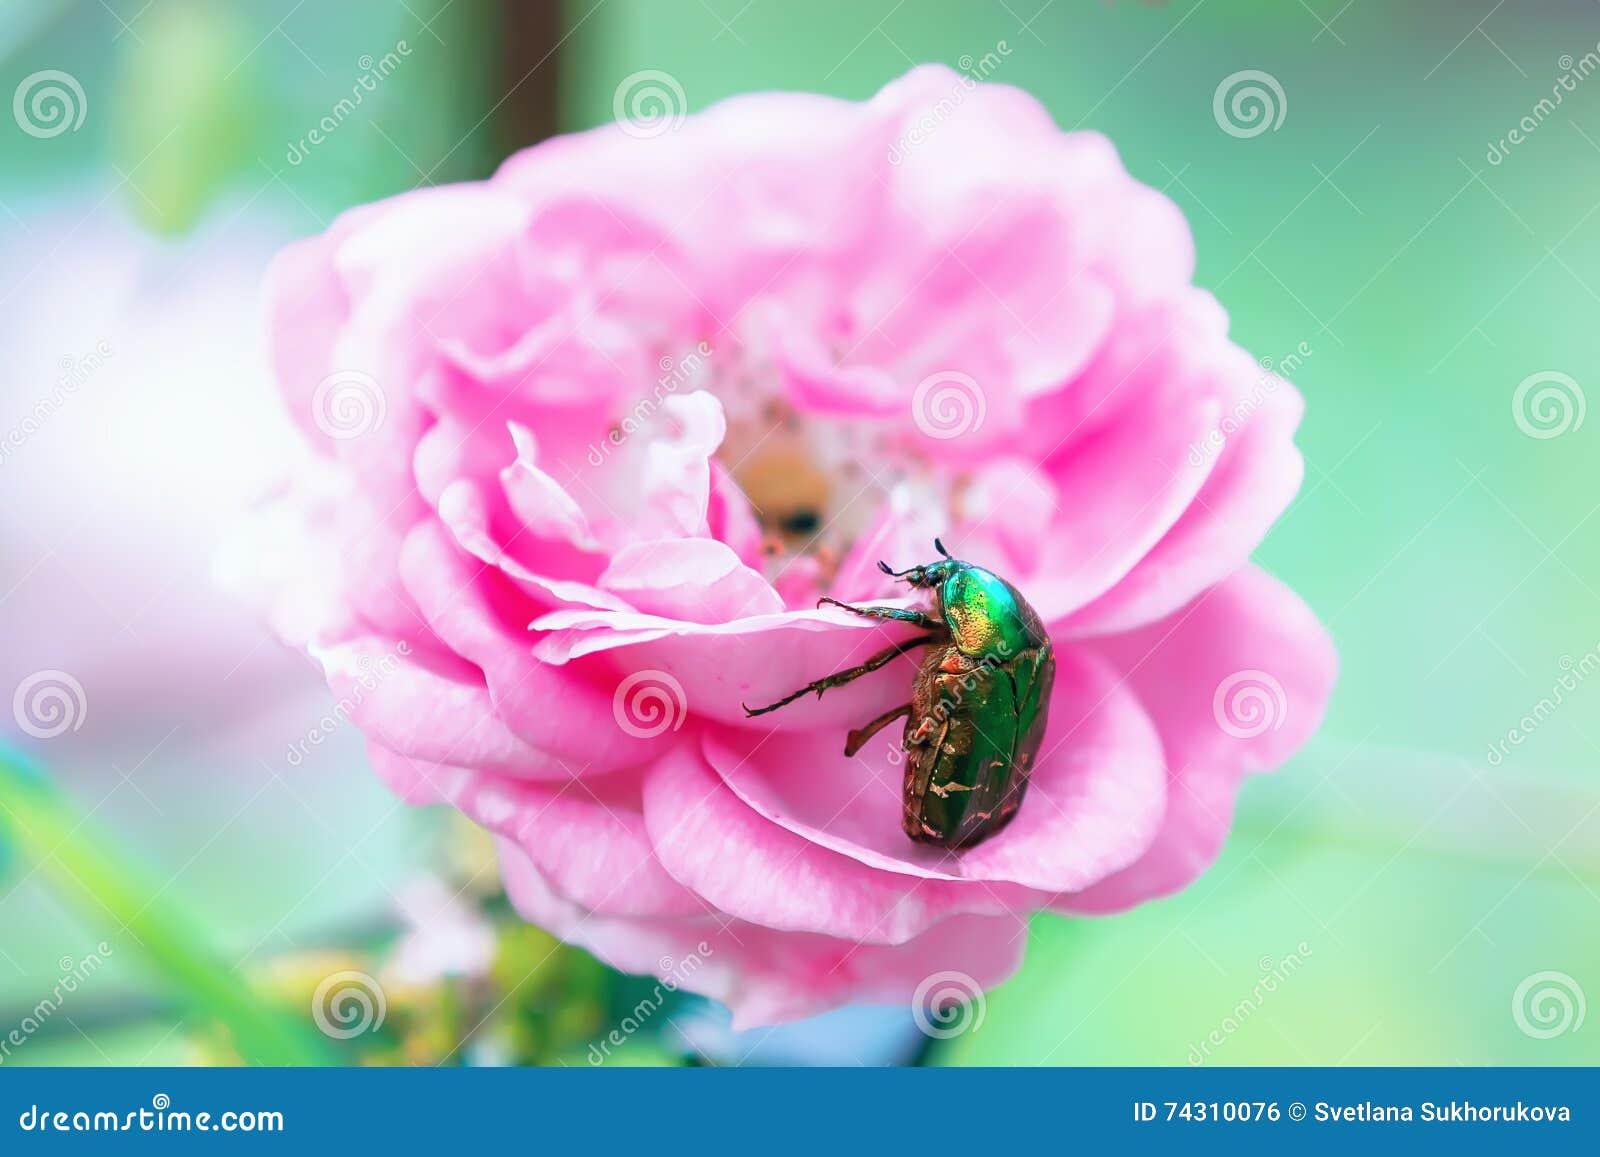 Großer grüner käfer